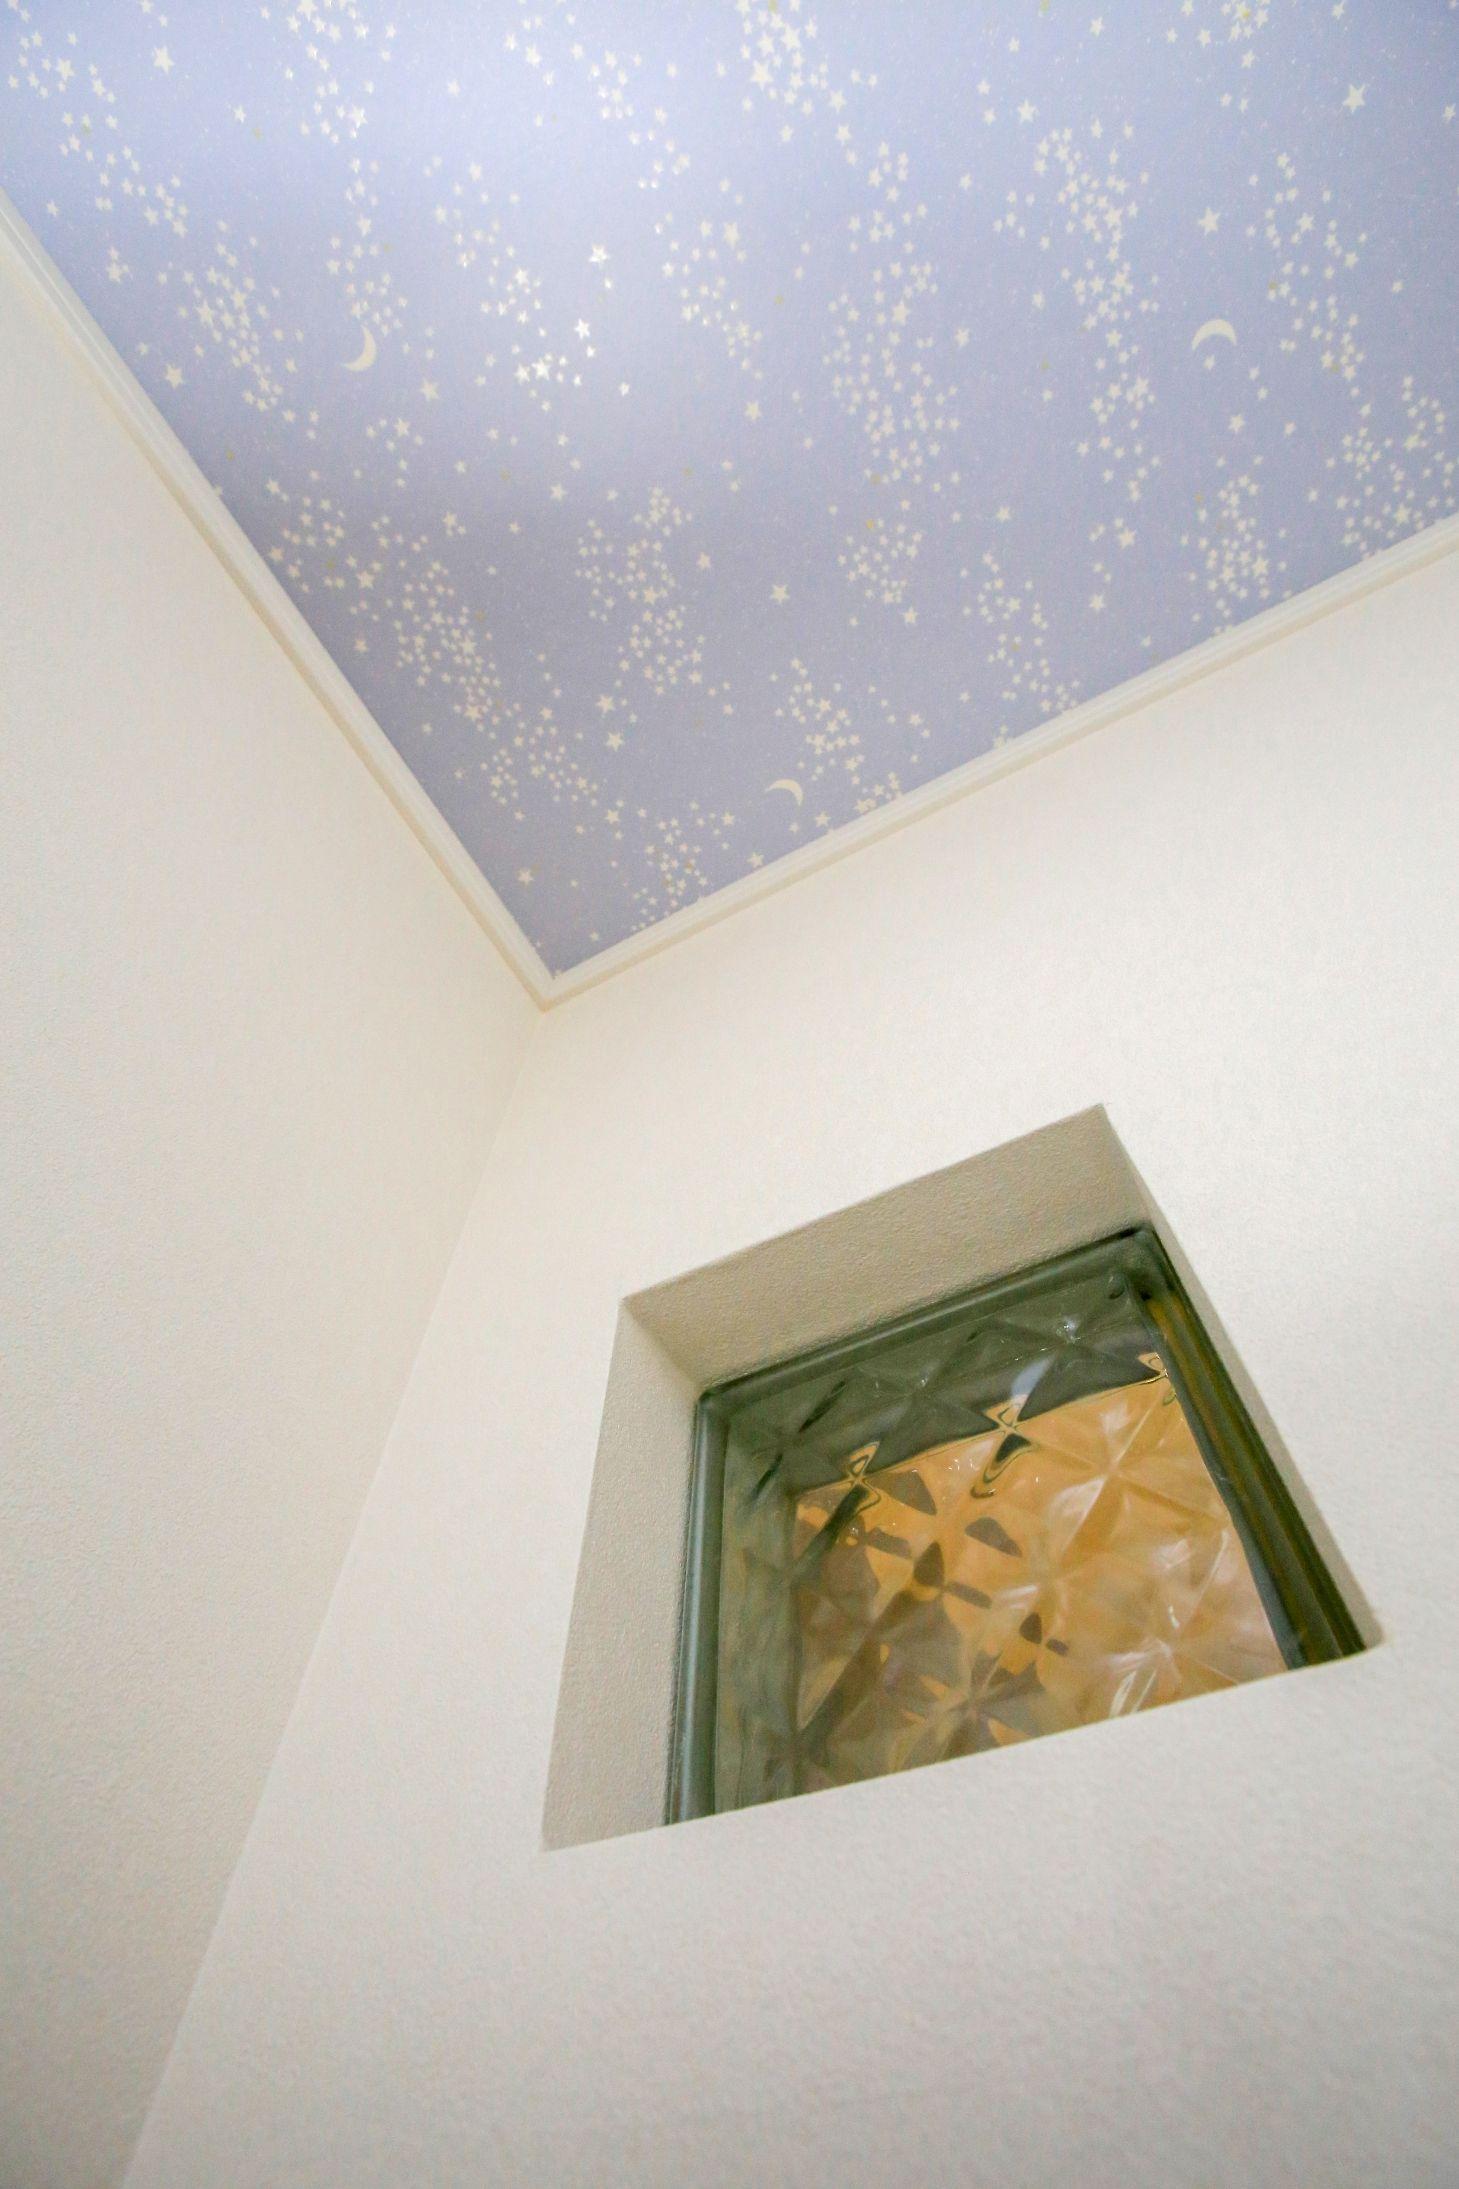 建築実例 ガラスブロック 緑 子ども部屋 天井クロス 蓄光クロス 星柄